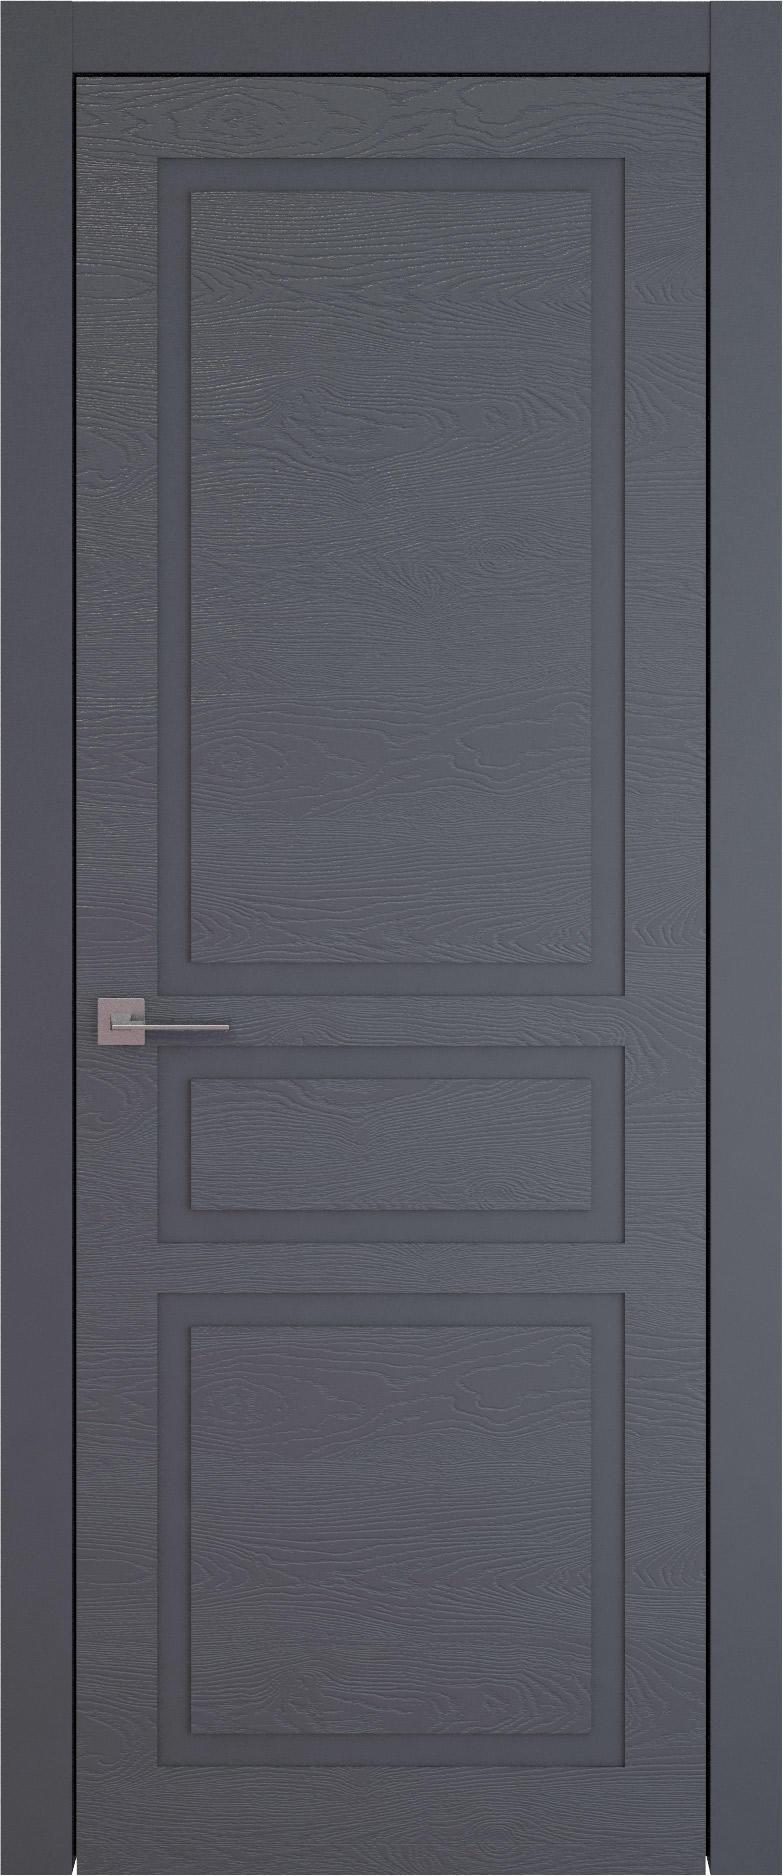 Tivoli Е-5 цвет - Графитово-серая эмаль по шпону (RAL 7024) Без стекла (ДГ)